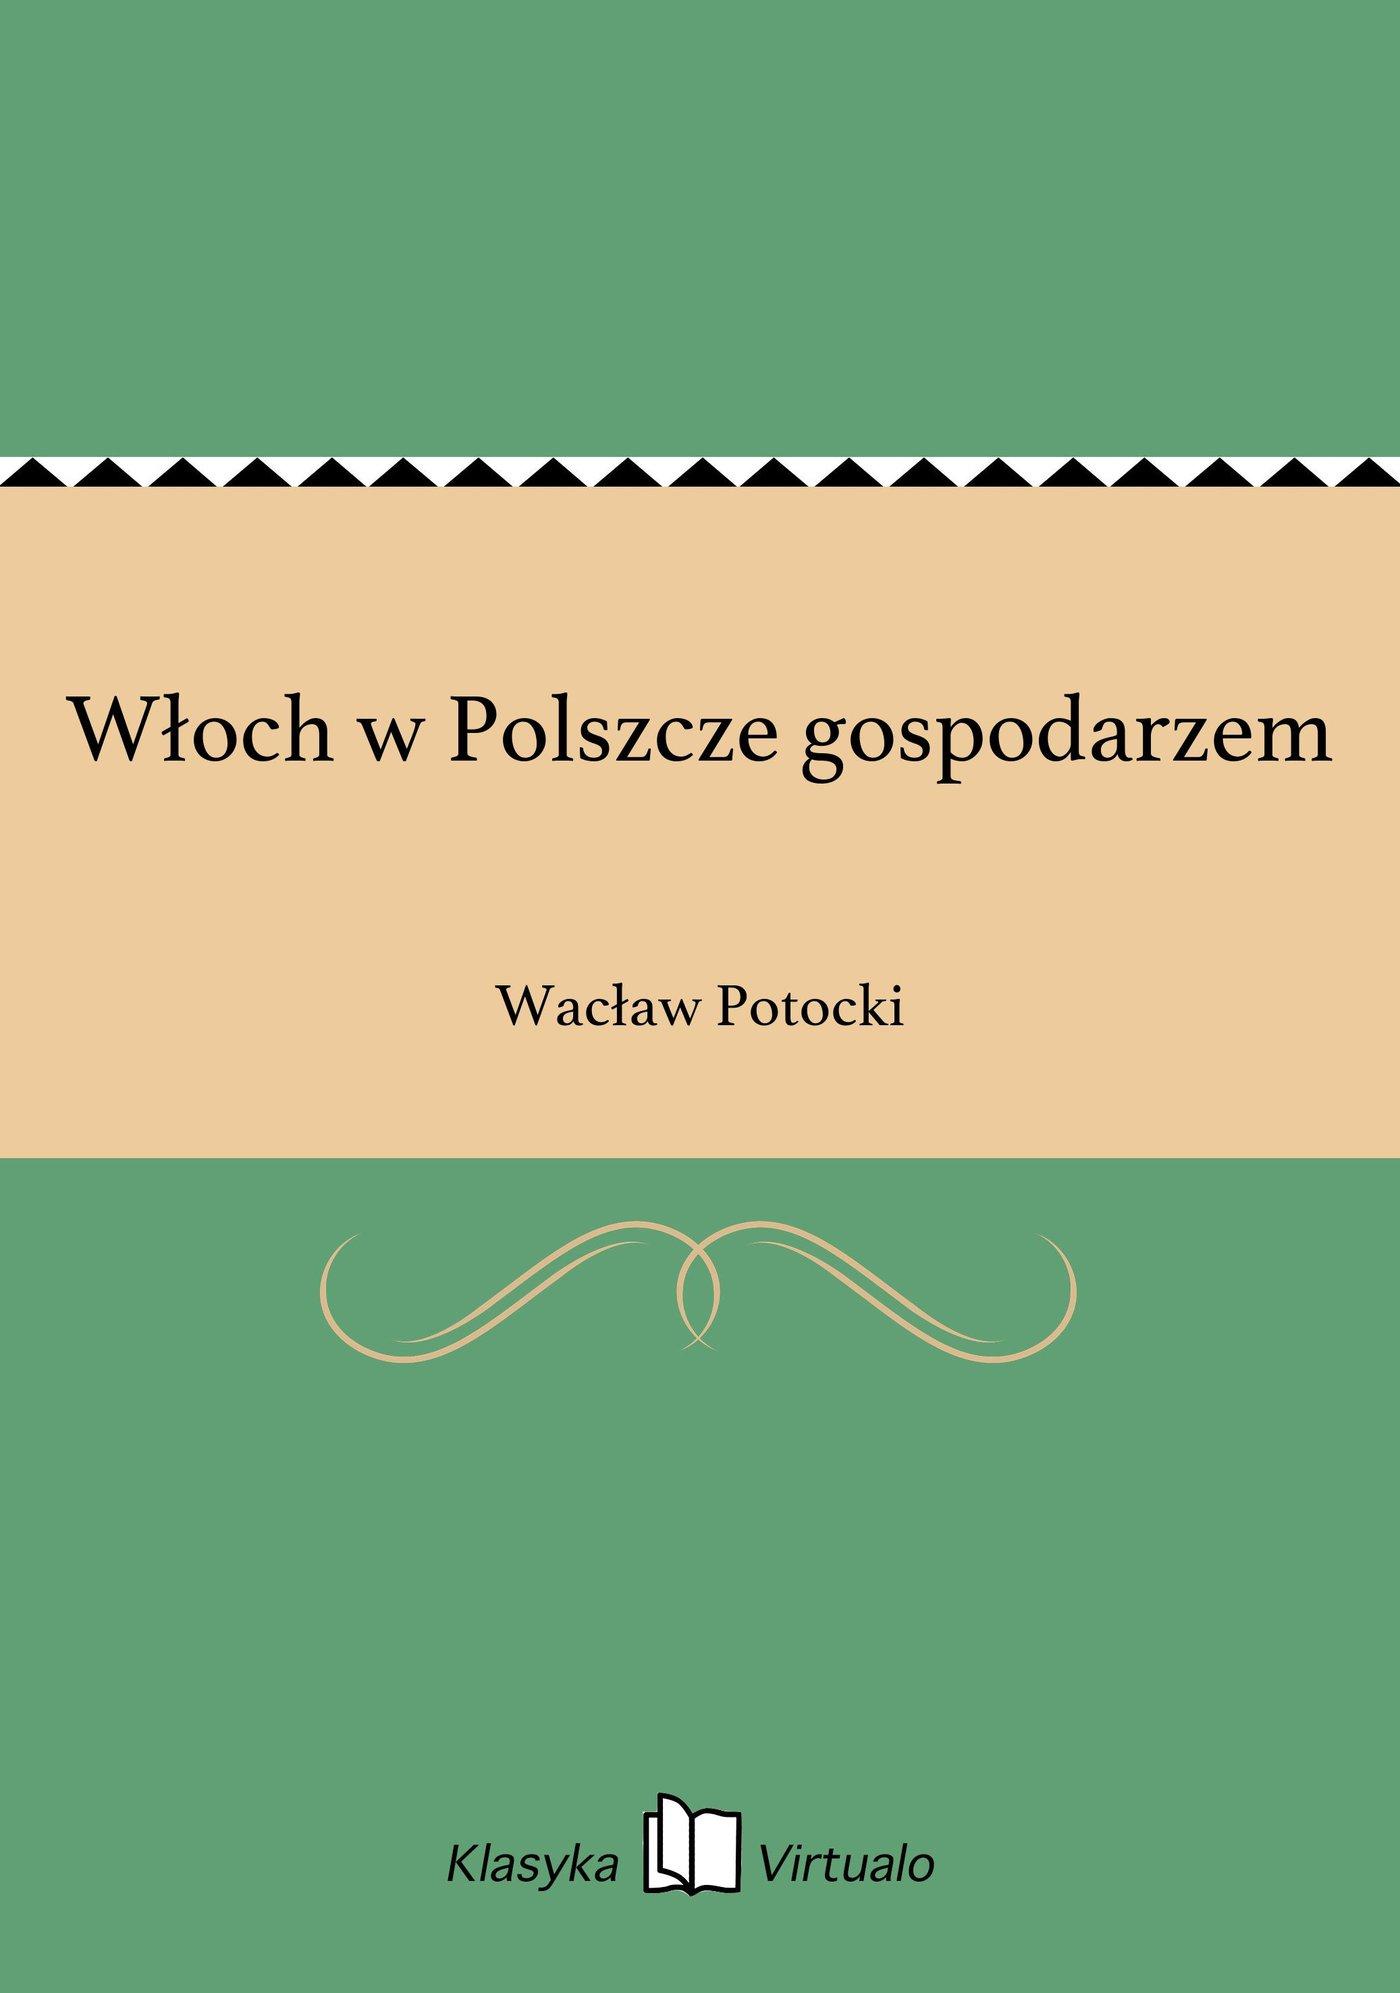 Włoch w Polszcze gospodarzem - Ebook (Książka EPUB) do pobrania w formacie EPUB